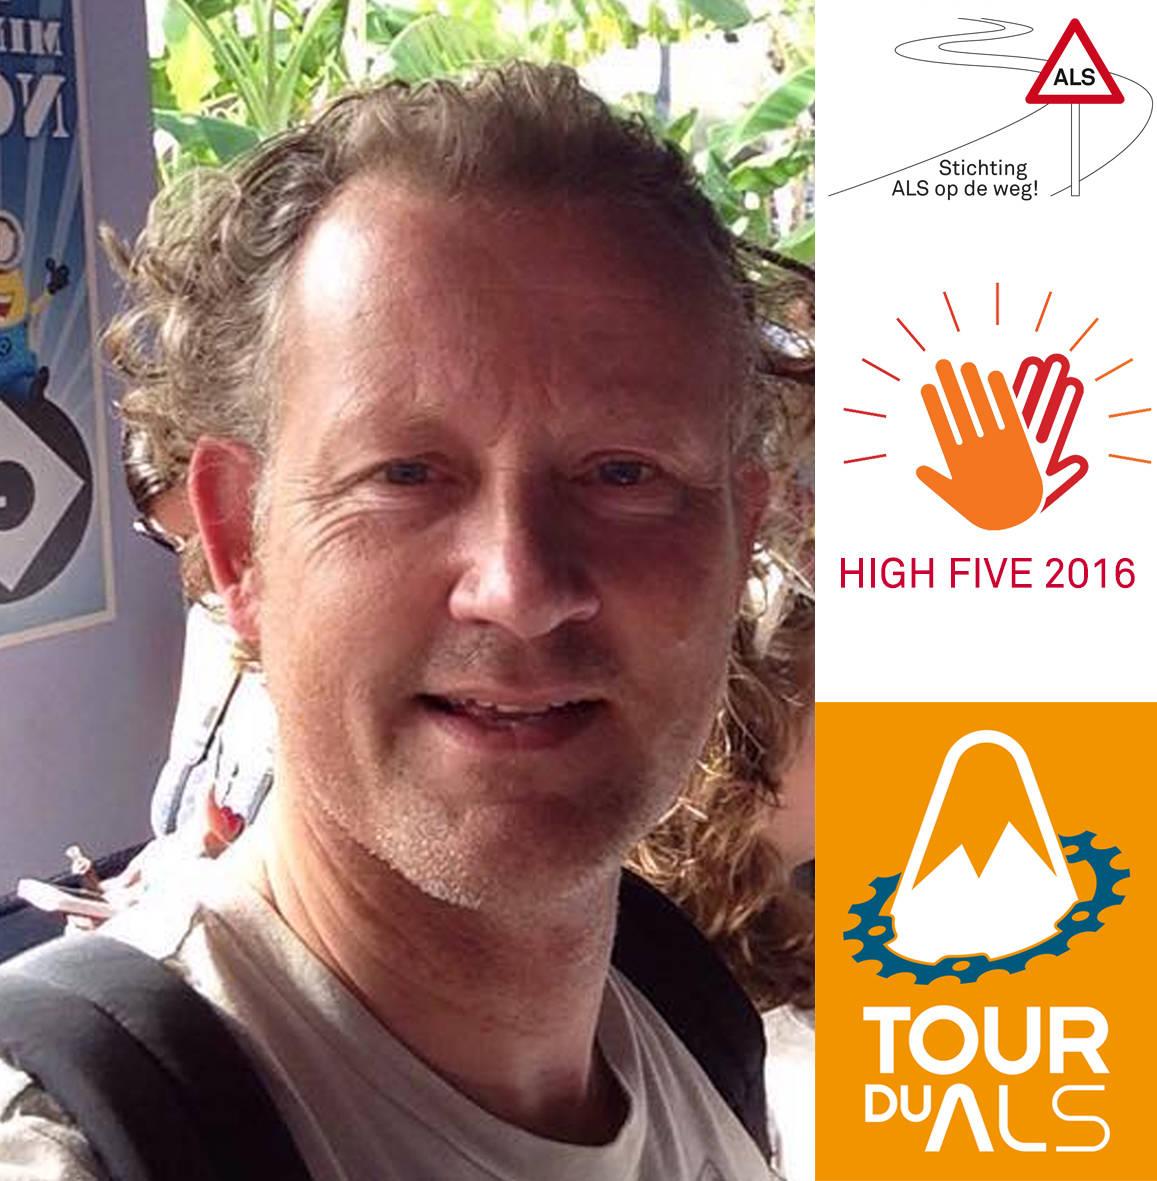 Stichting ALSopdeweg! - Tour 2016